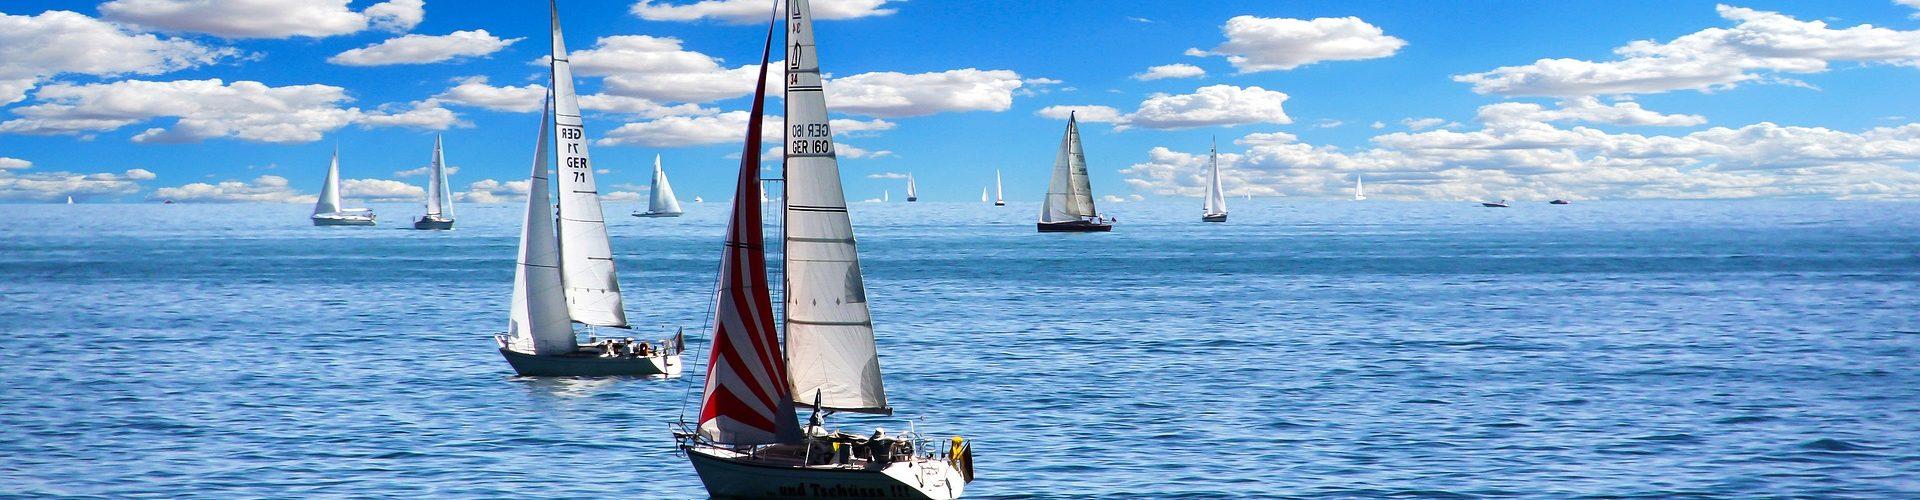 segeln lernen in Sylt Ost segelschein machen in Sylt Ost 1920x500 - Segeln lernen in Sylt-Ost